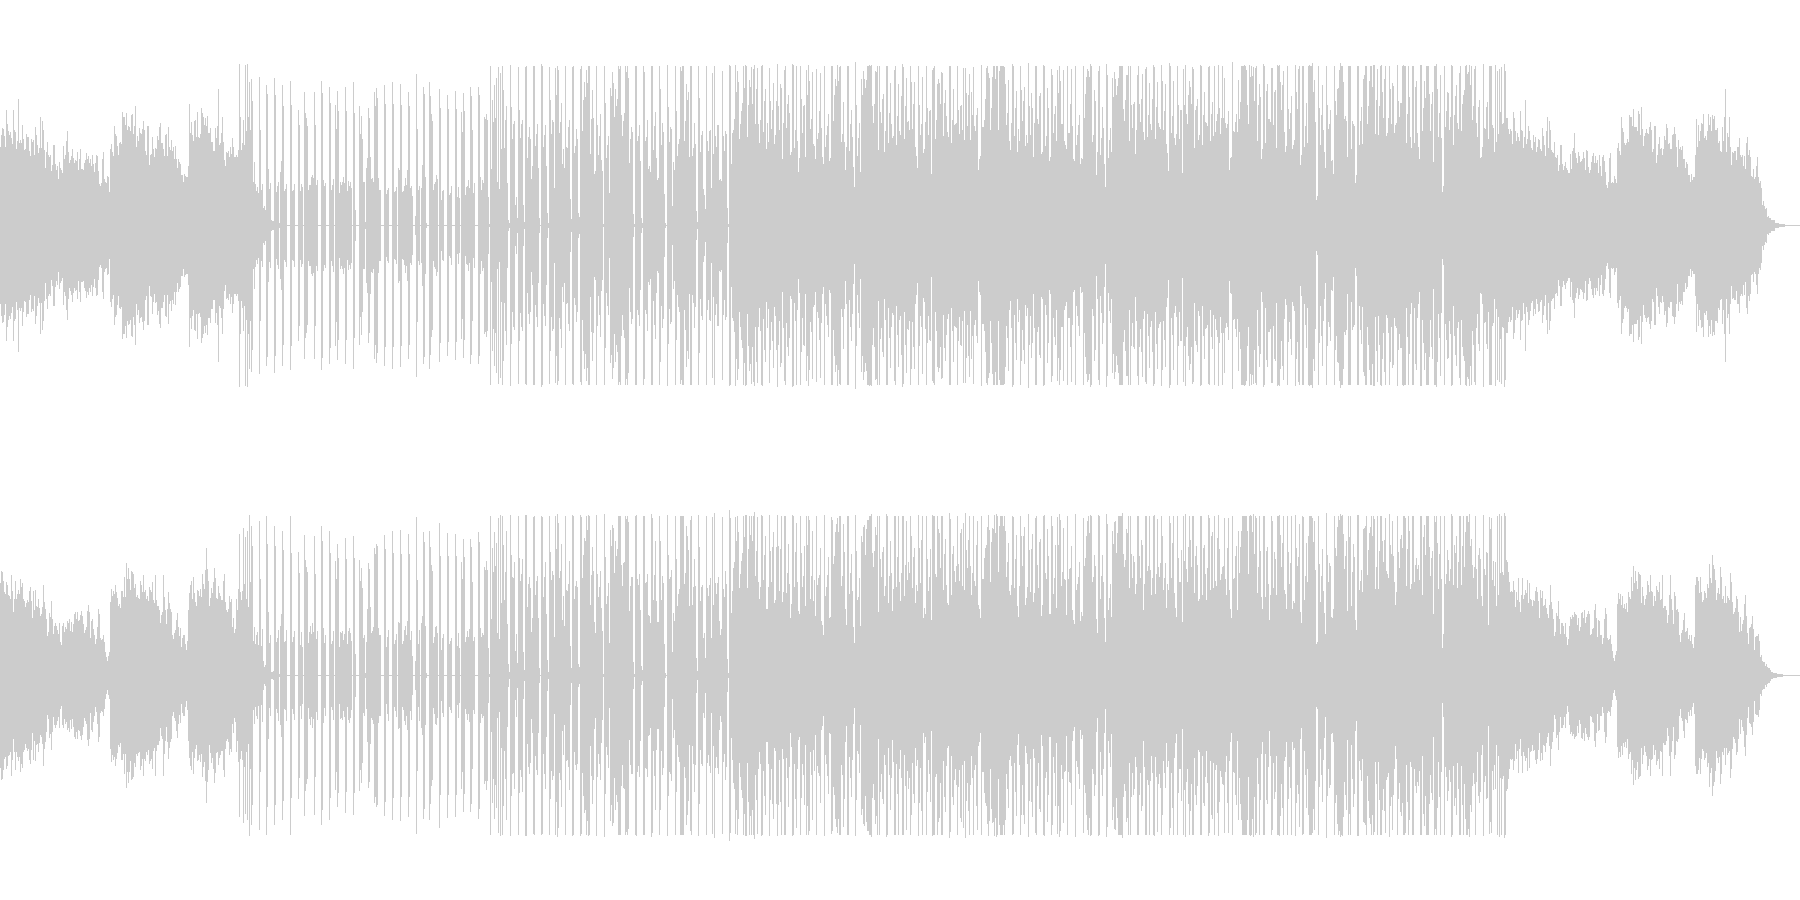 ダークで独創的なイージーリスニングの未再生の波形